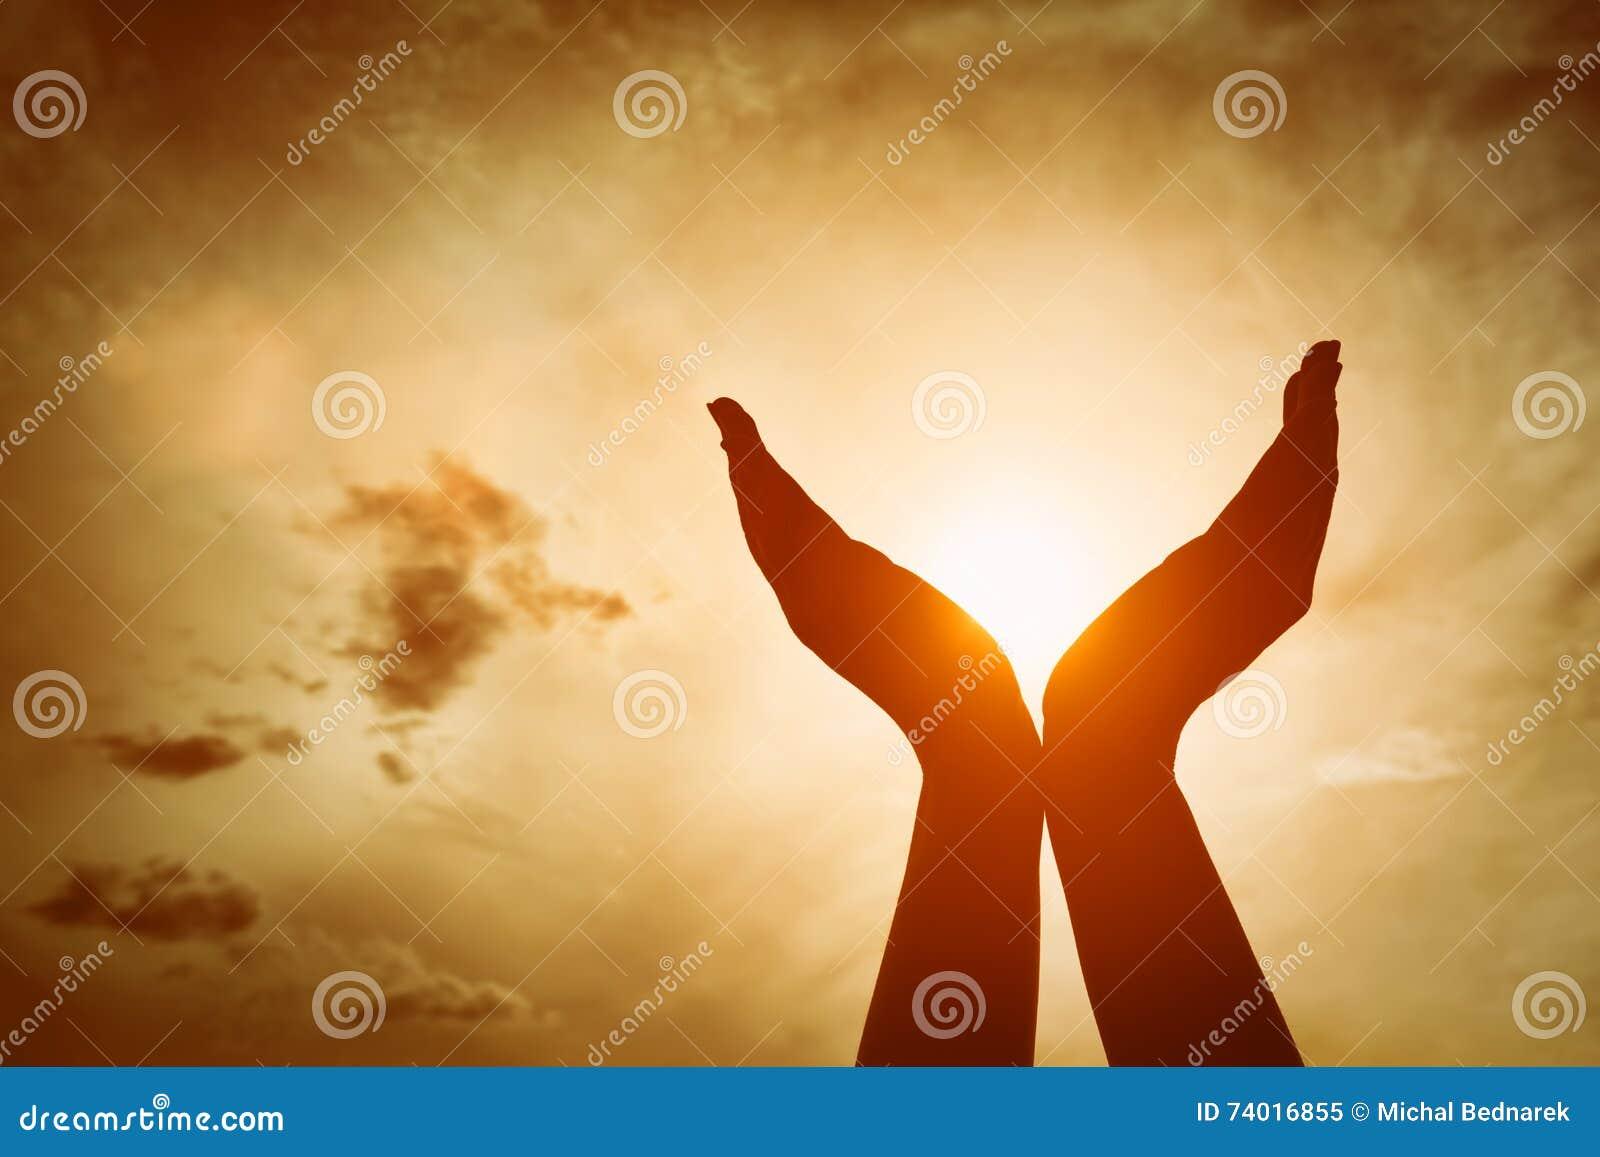 Lyftta händer som fångar solen på solnedgånghimmel Begrepp av andlighet, wellbeing, positiv energi